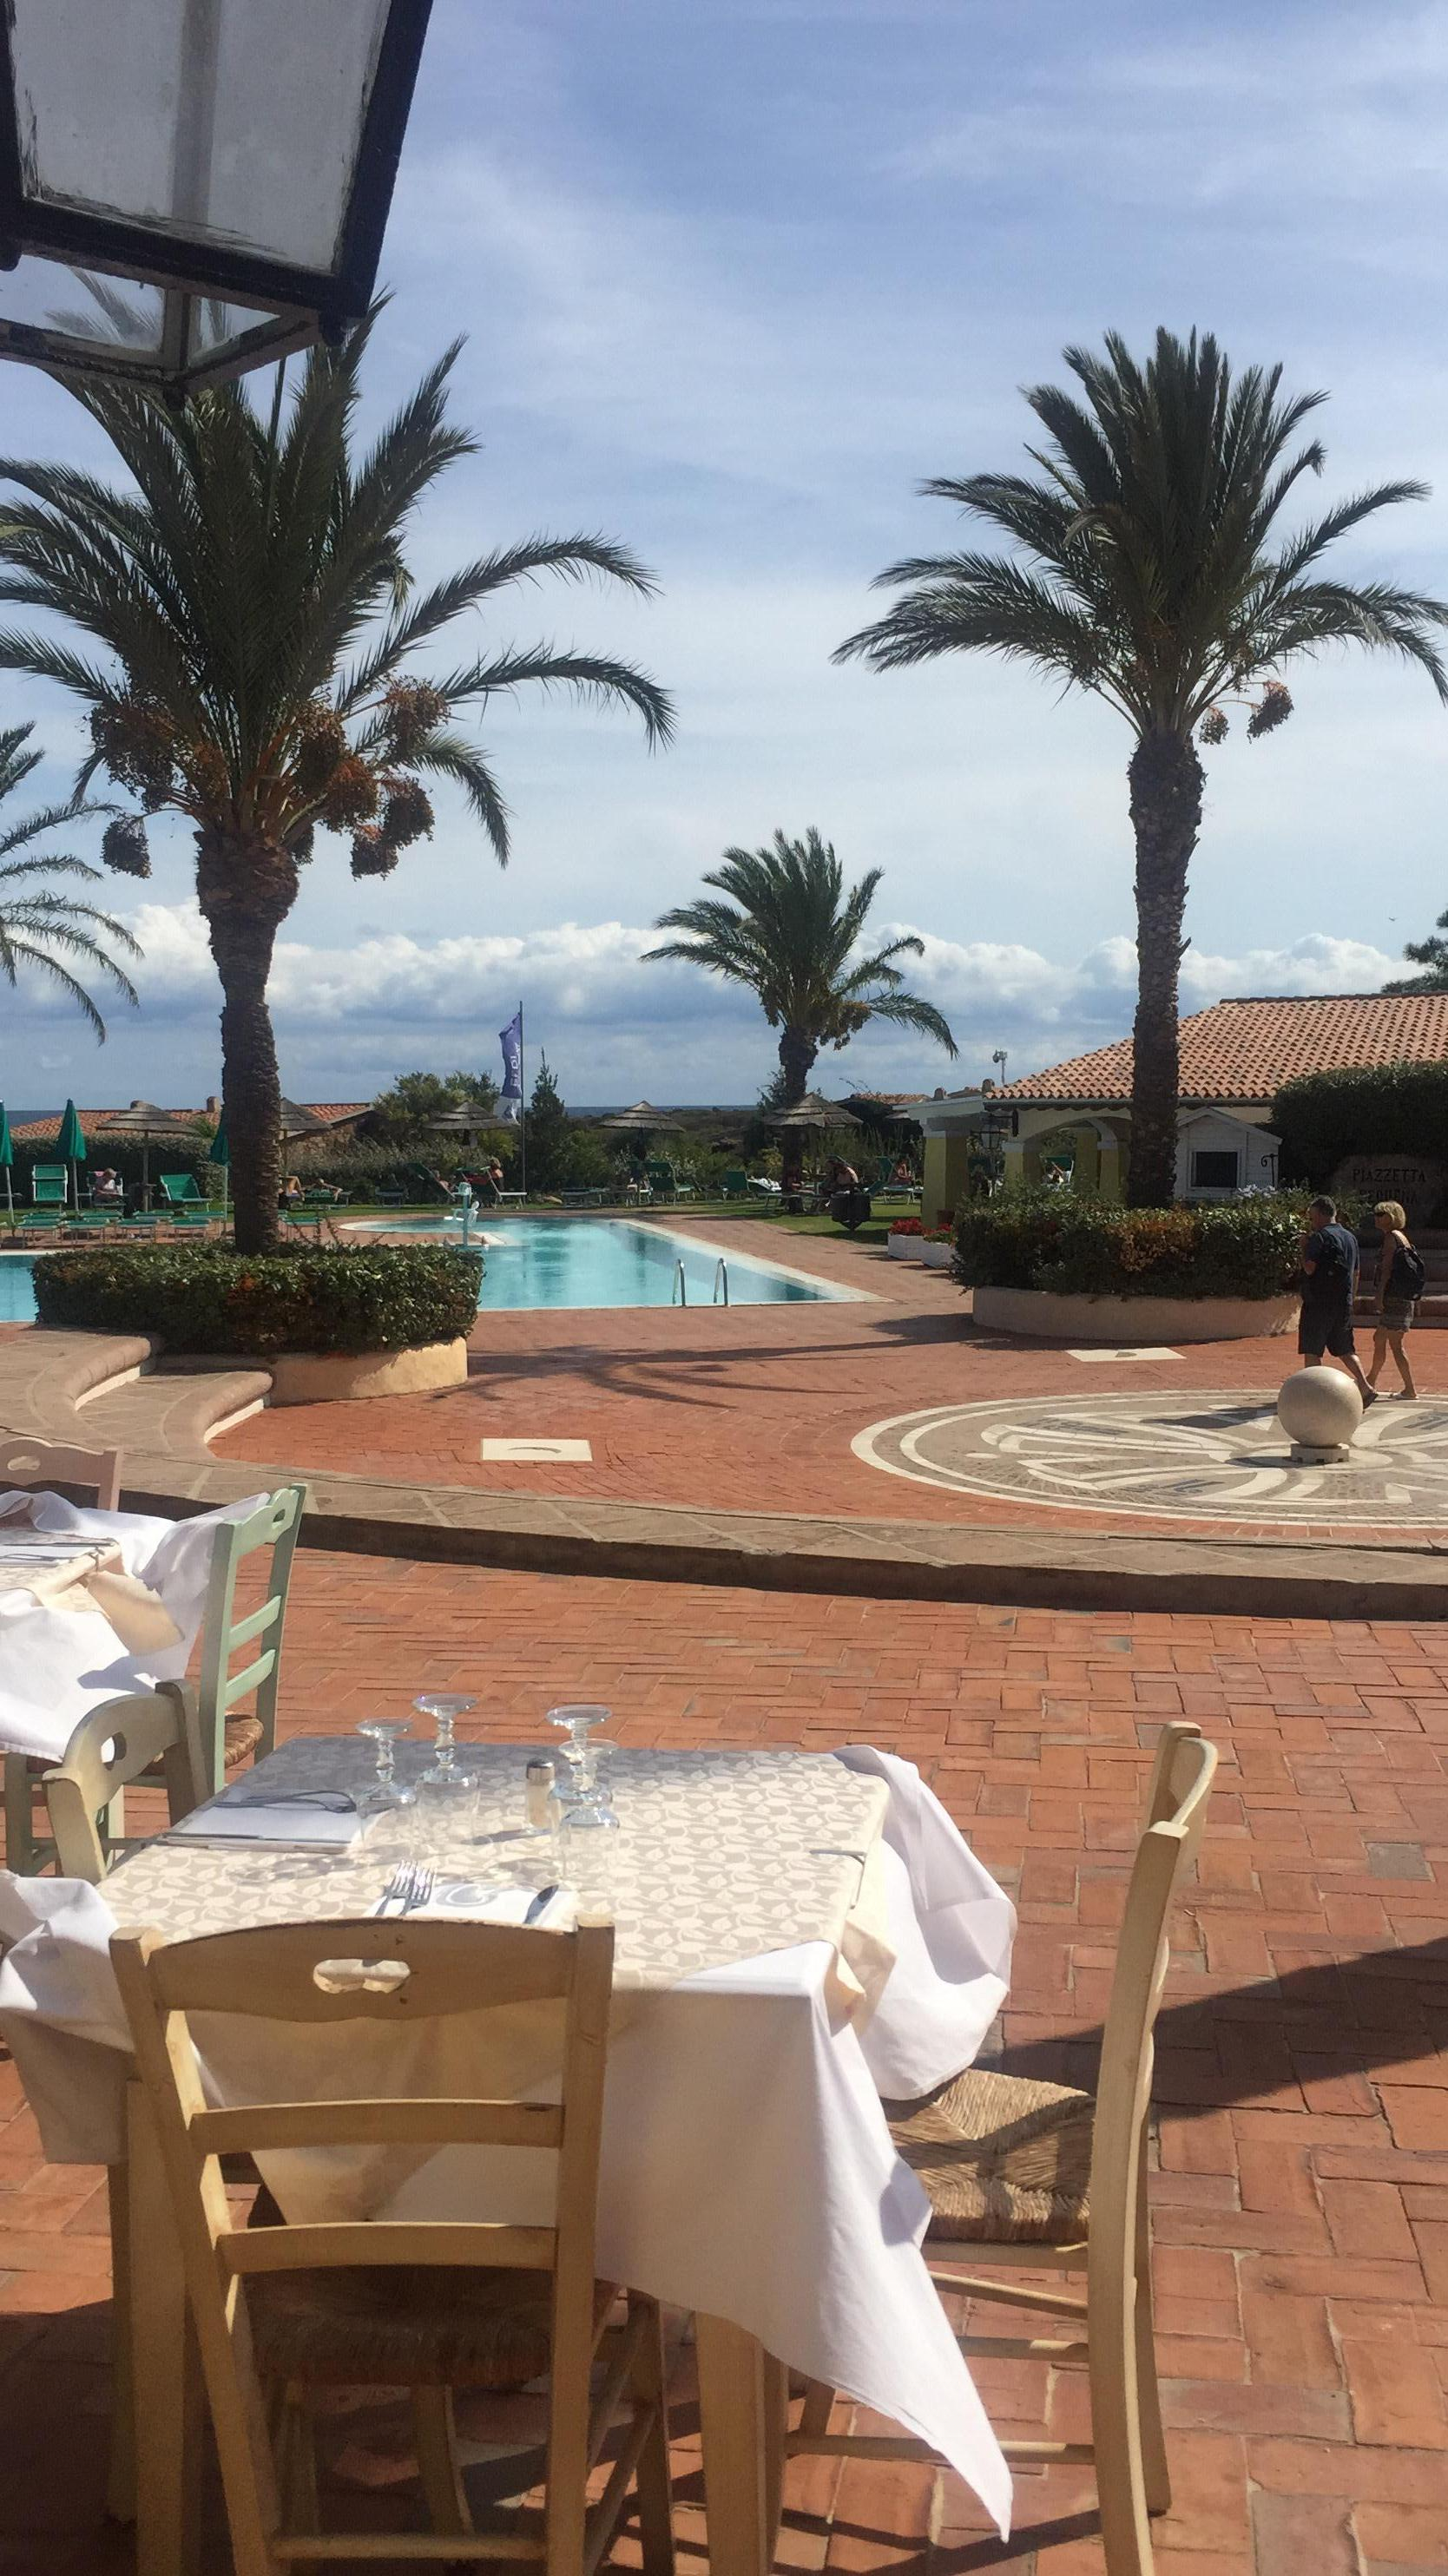 Der einzig schöner Ort war das Restaurant und das Pool